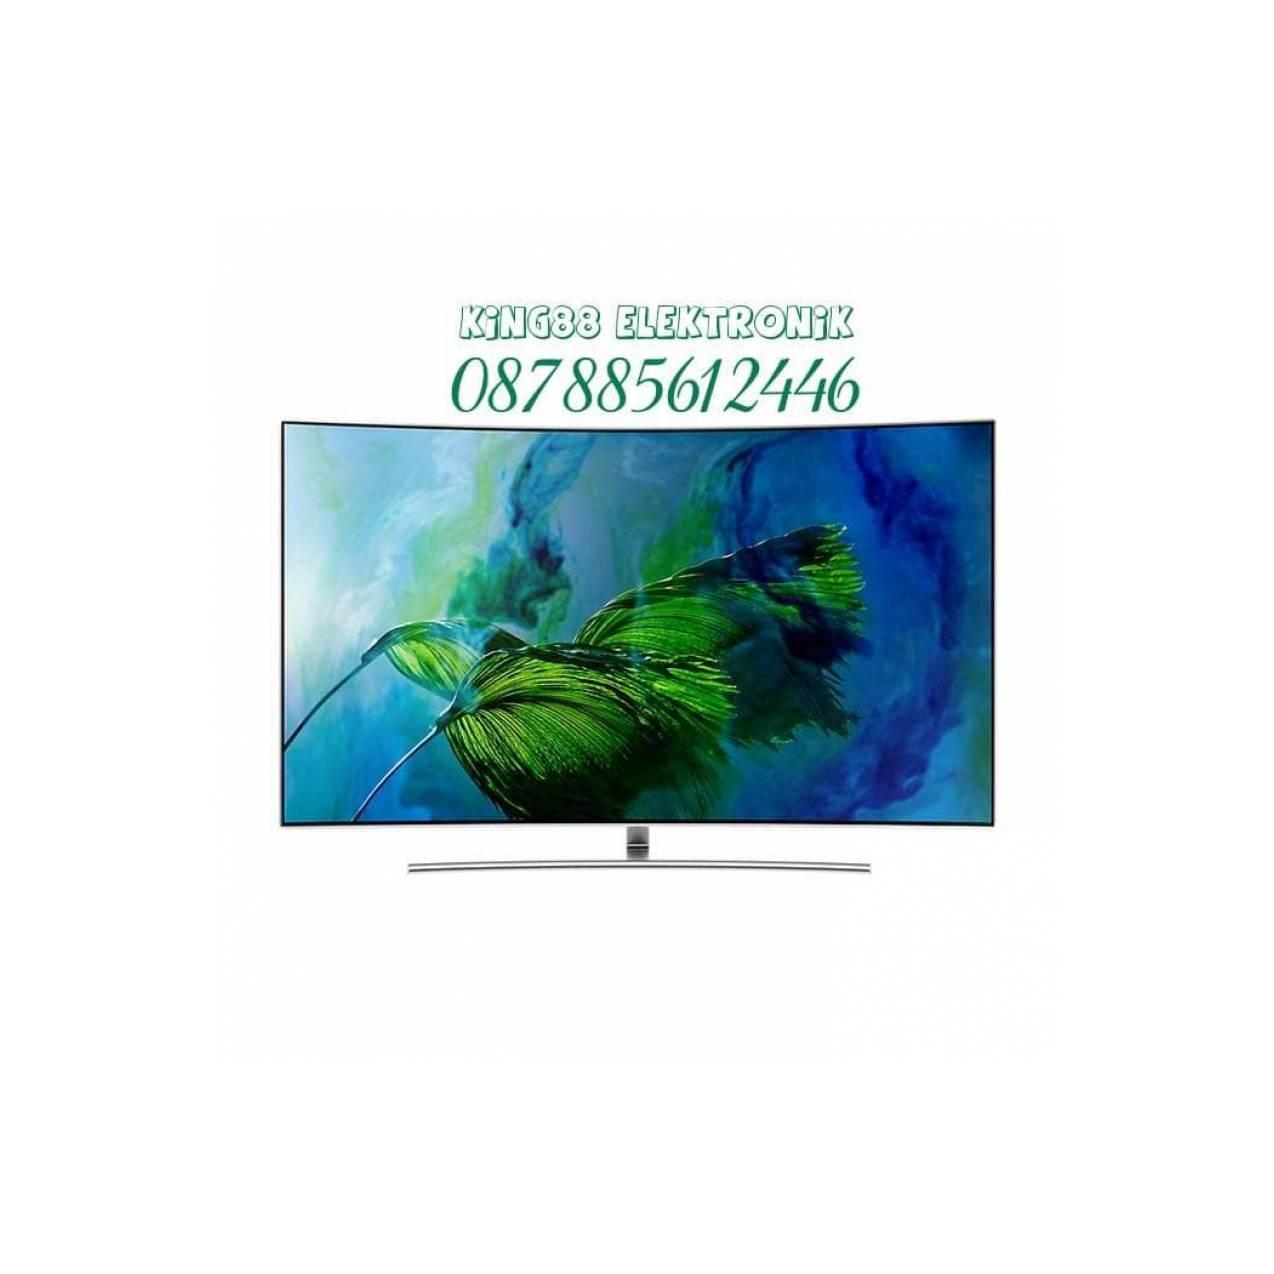 SAMSUNG QLED UHD 4K SMART TV CURVED Q LED 55 INCH 55Q8C QA55Q8C